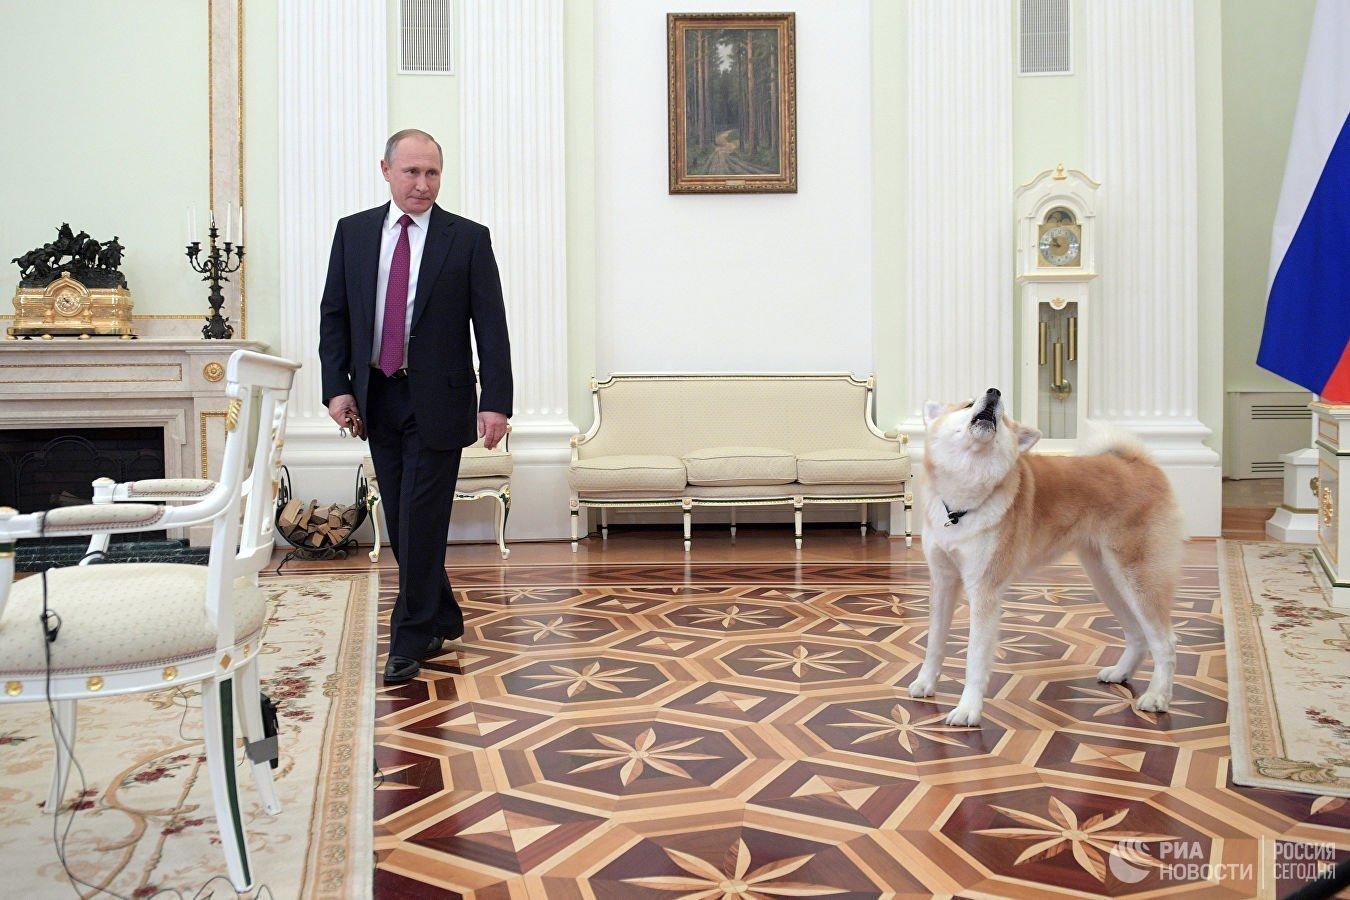 Путин подписал пакет документов об ответственном обращении с животными